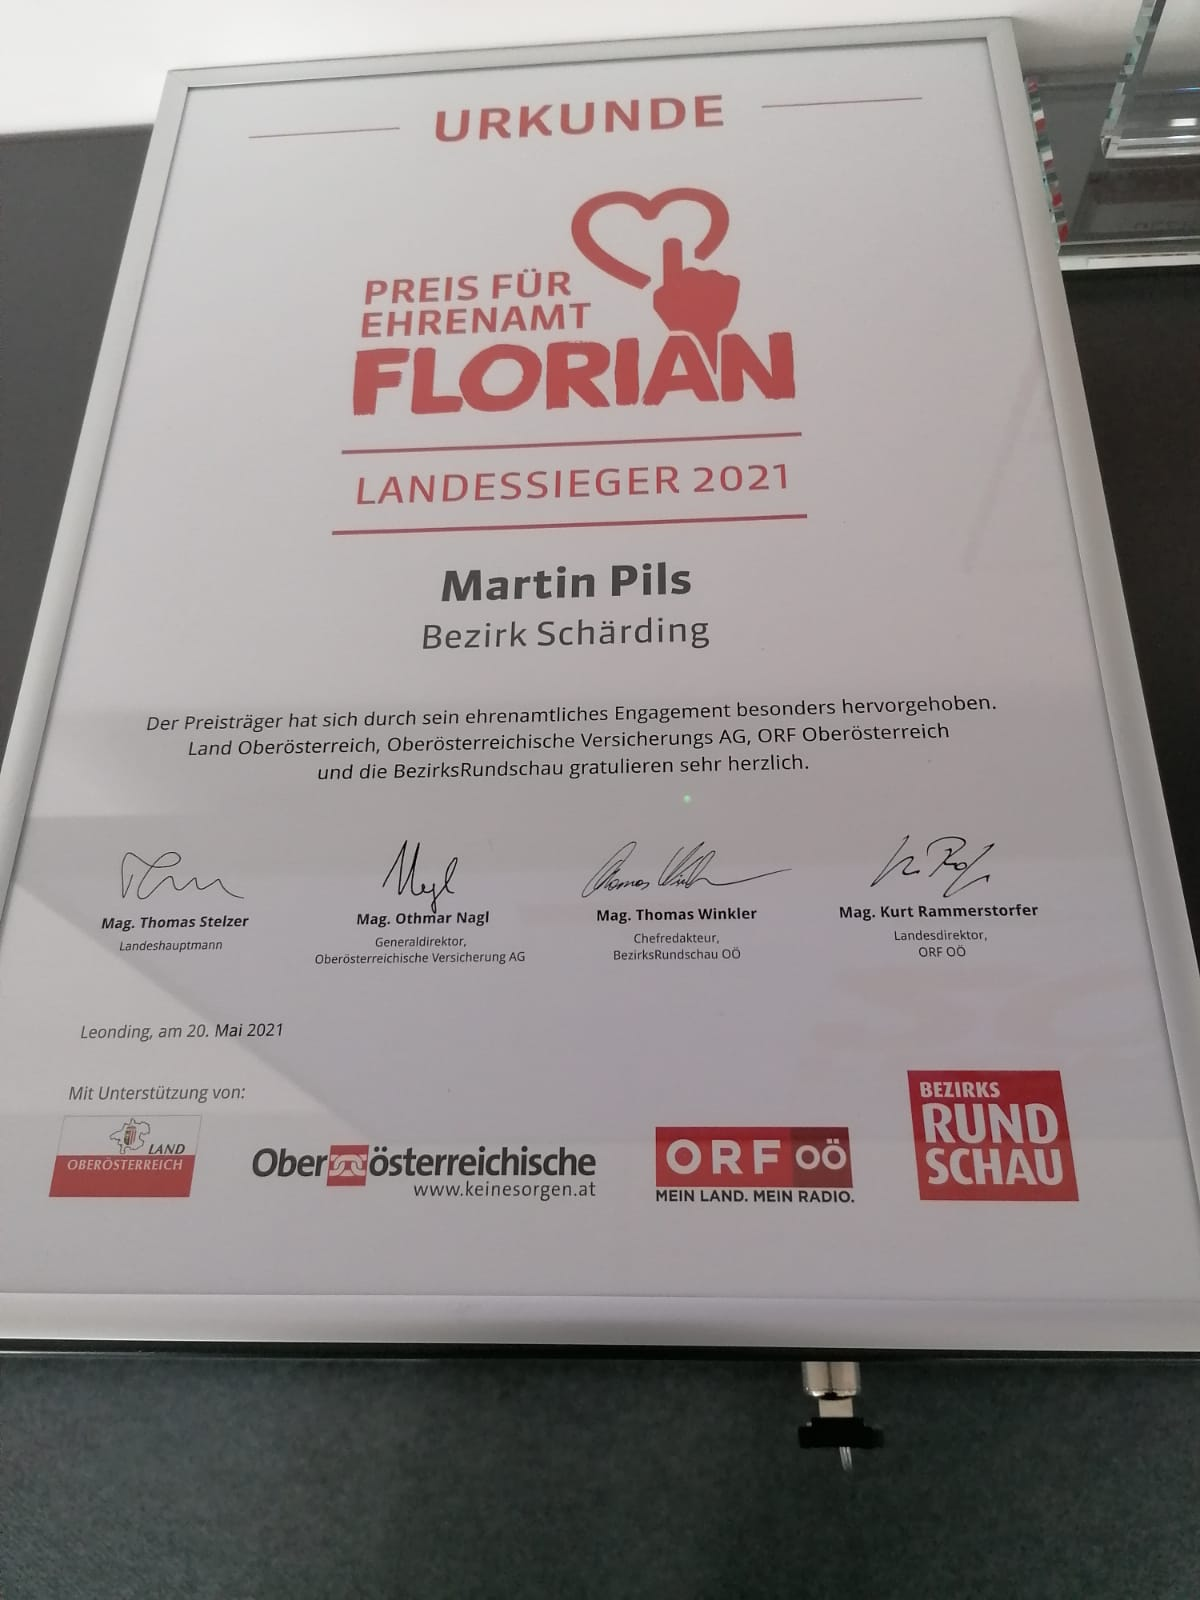 Florian 2021 - der Preis fürs Ehrenamt